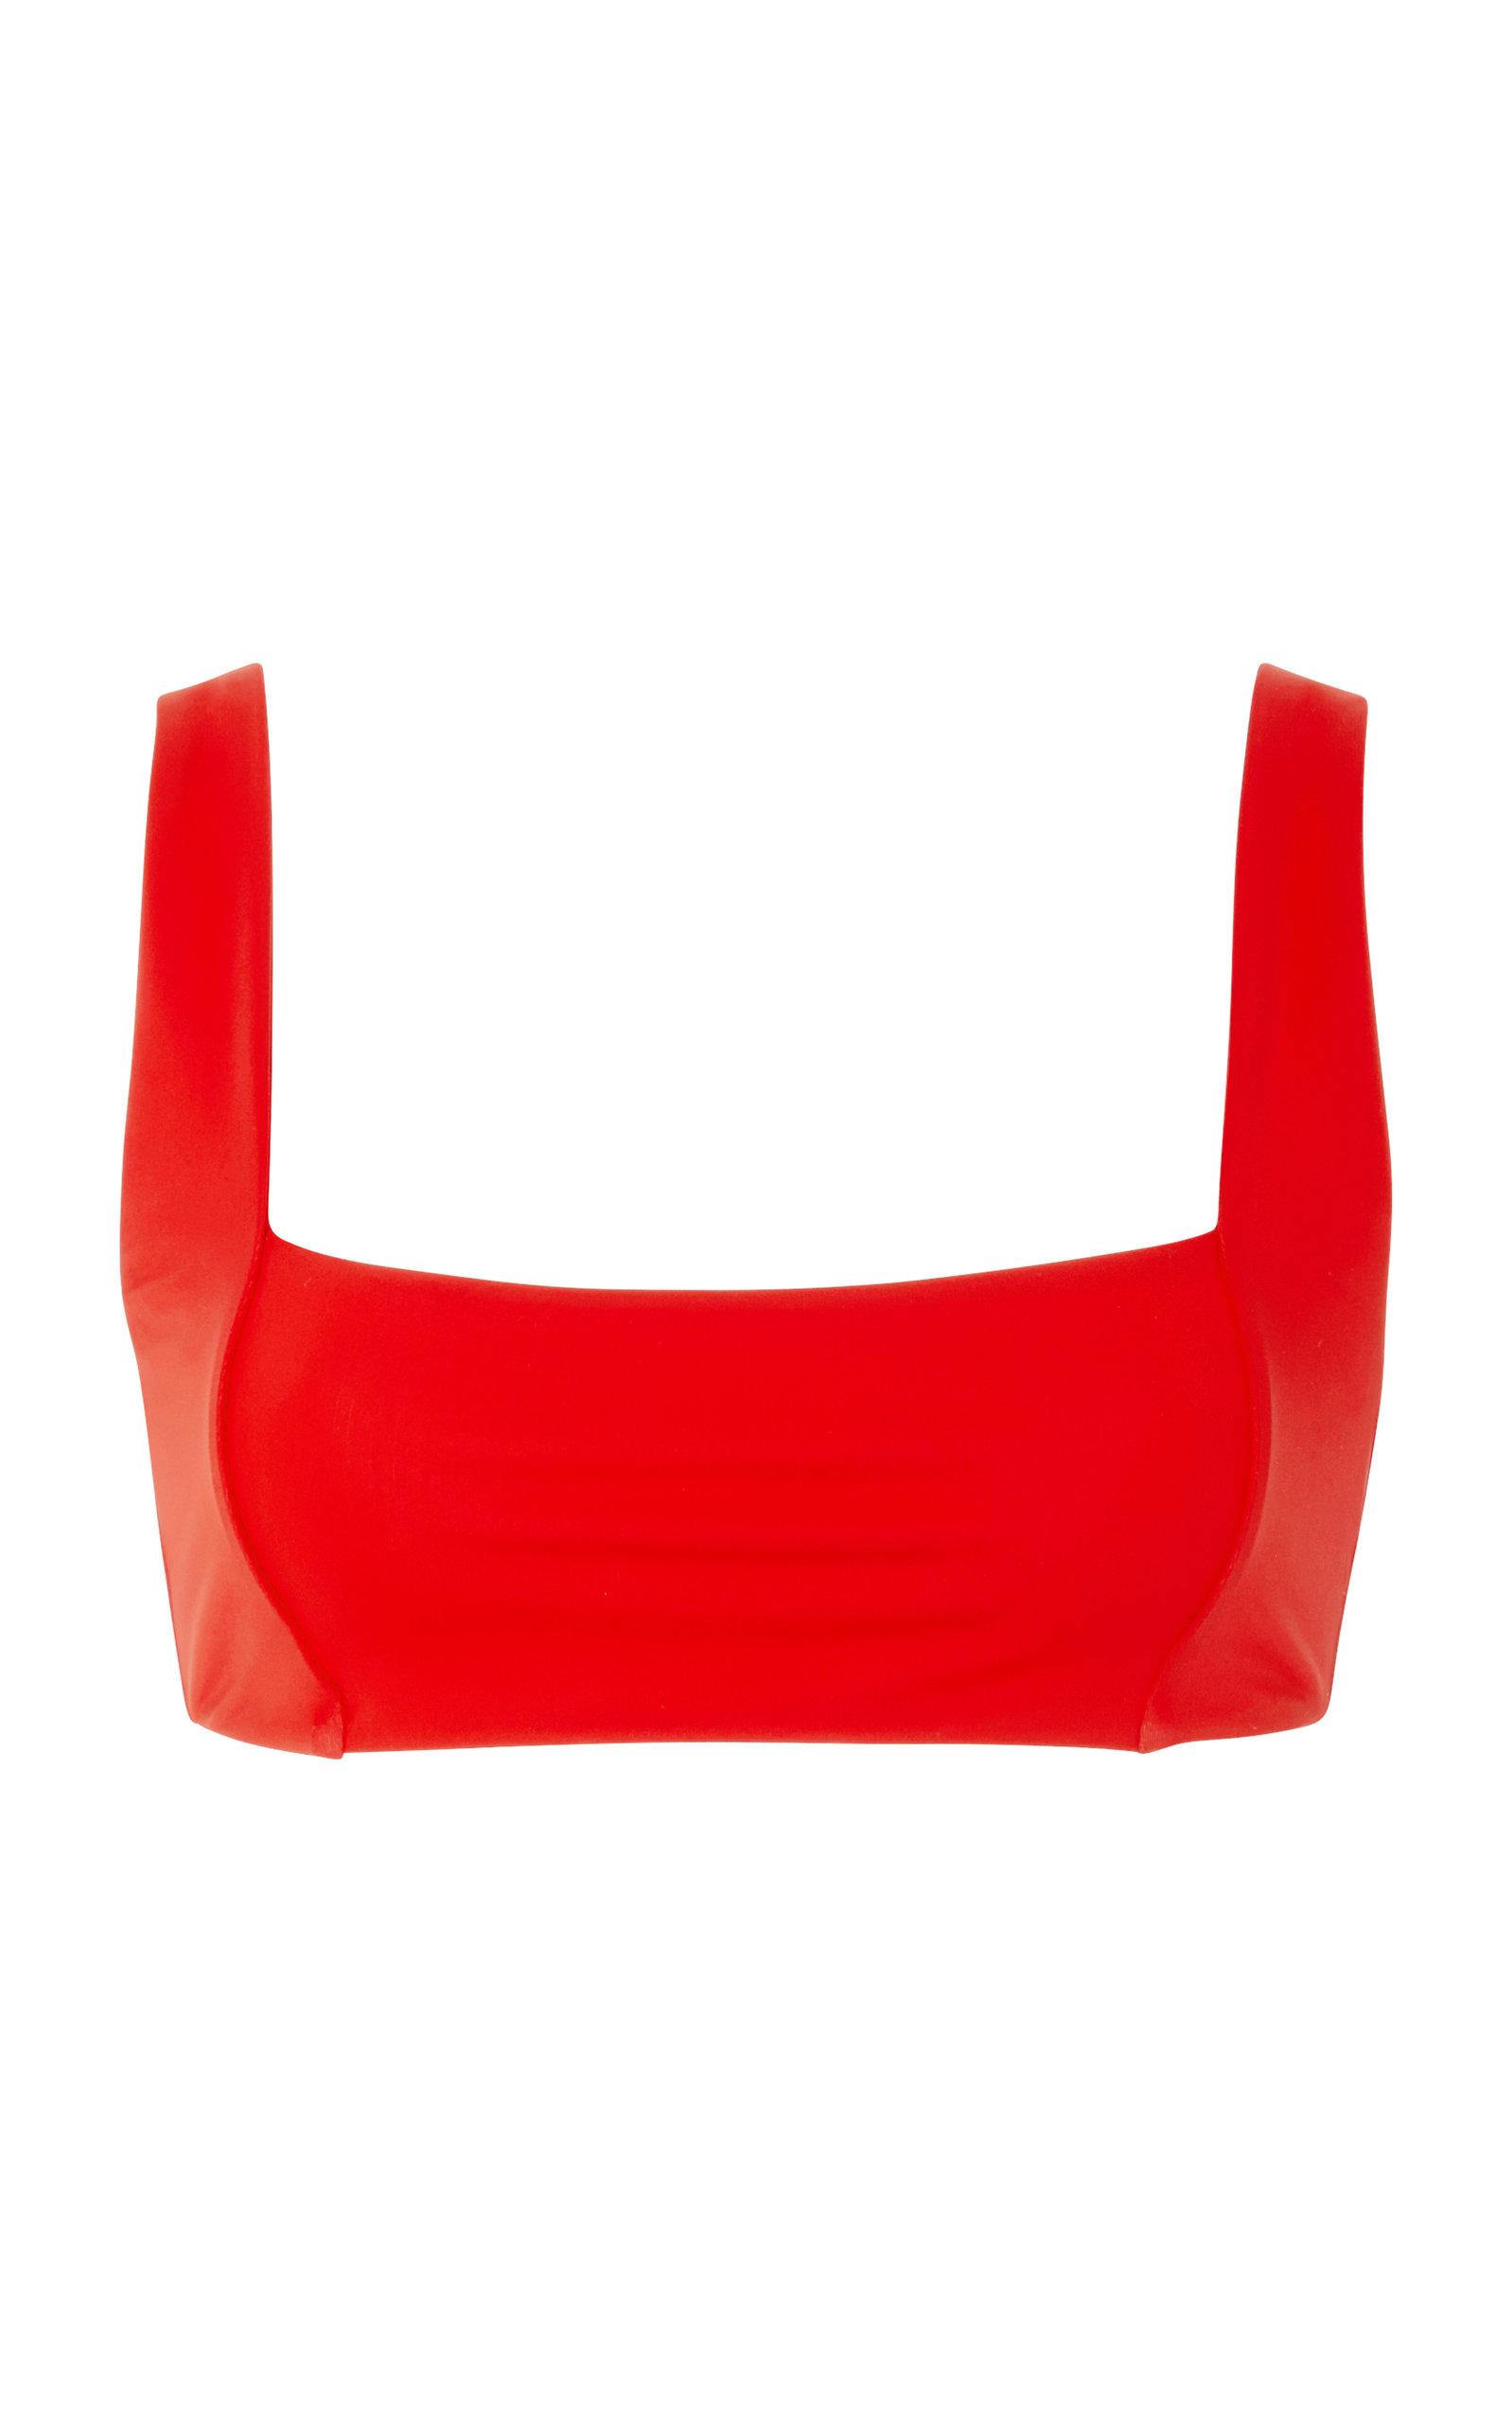 Meli Bikini Top in Red